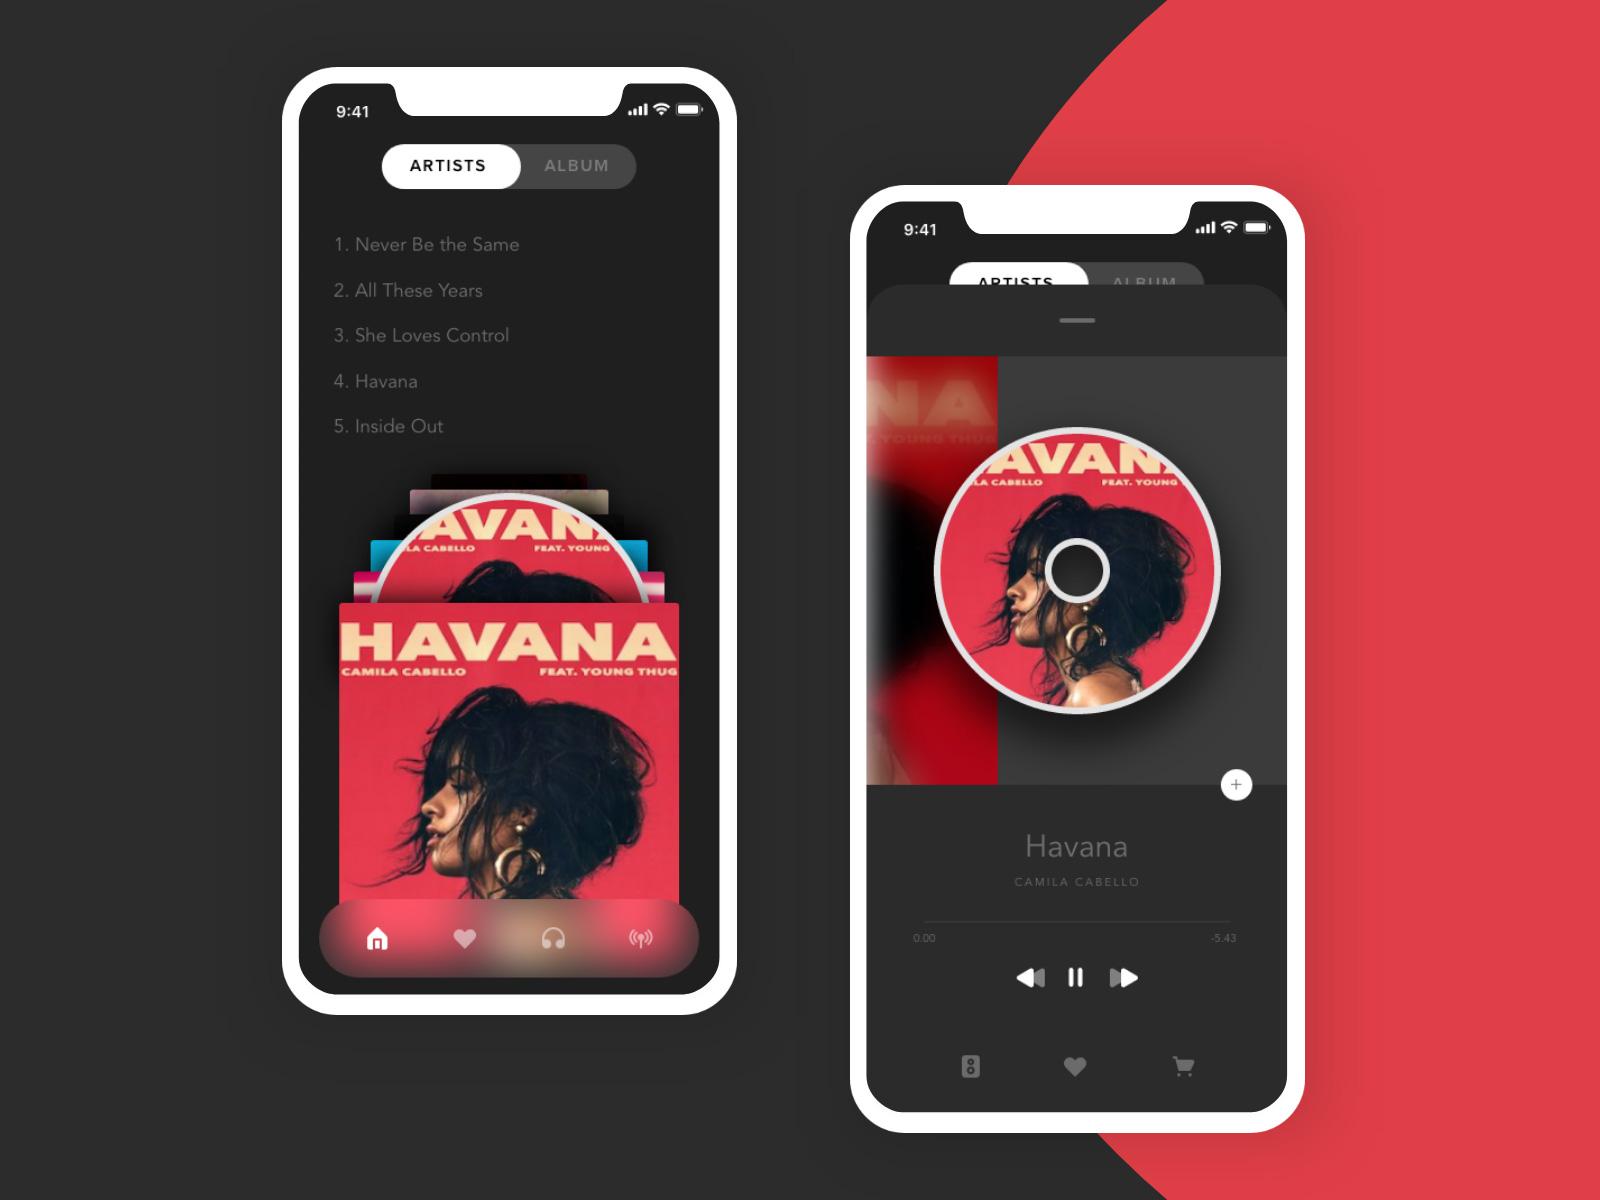 音乐播放器App应用程序界面概念设计模板插图